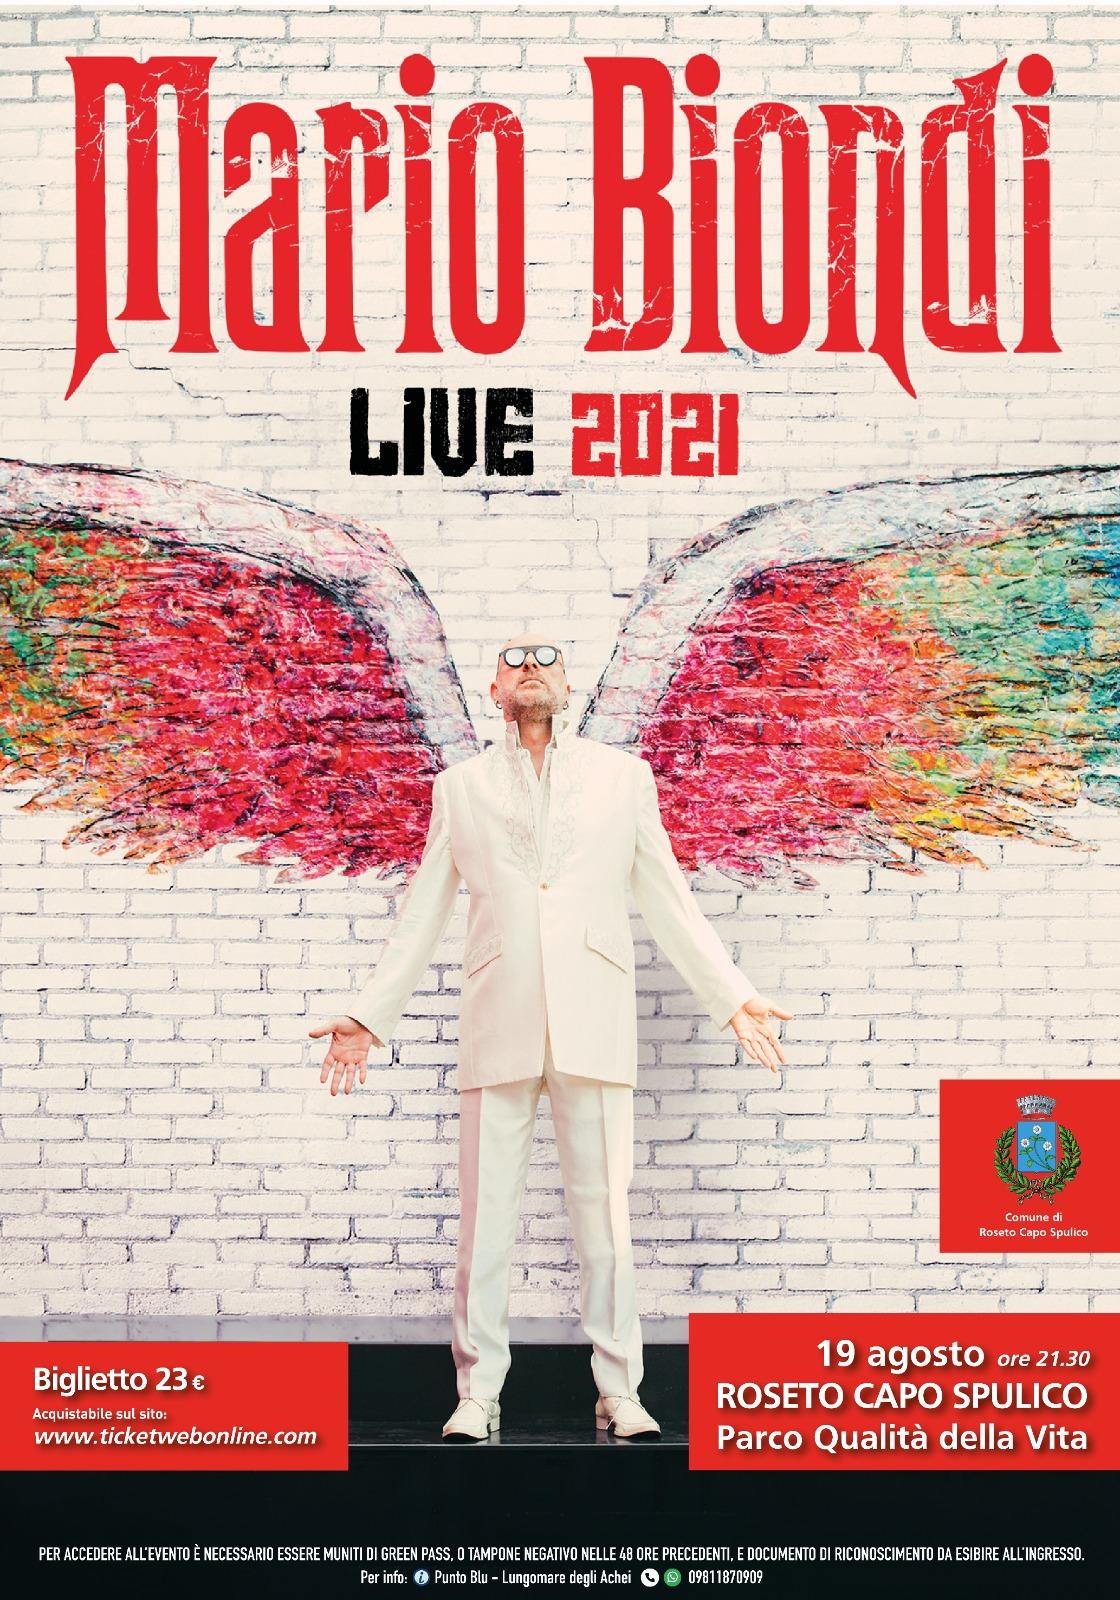 MARIO BIONDI LIVE 2021 – INFO UTILI PER ACCEDERE ALL'EVENTO